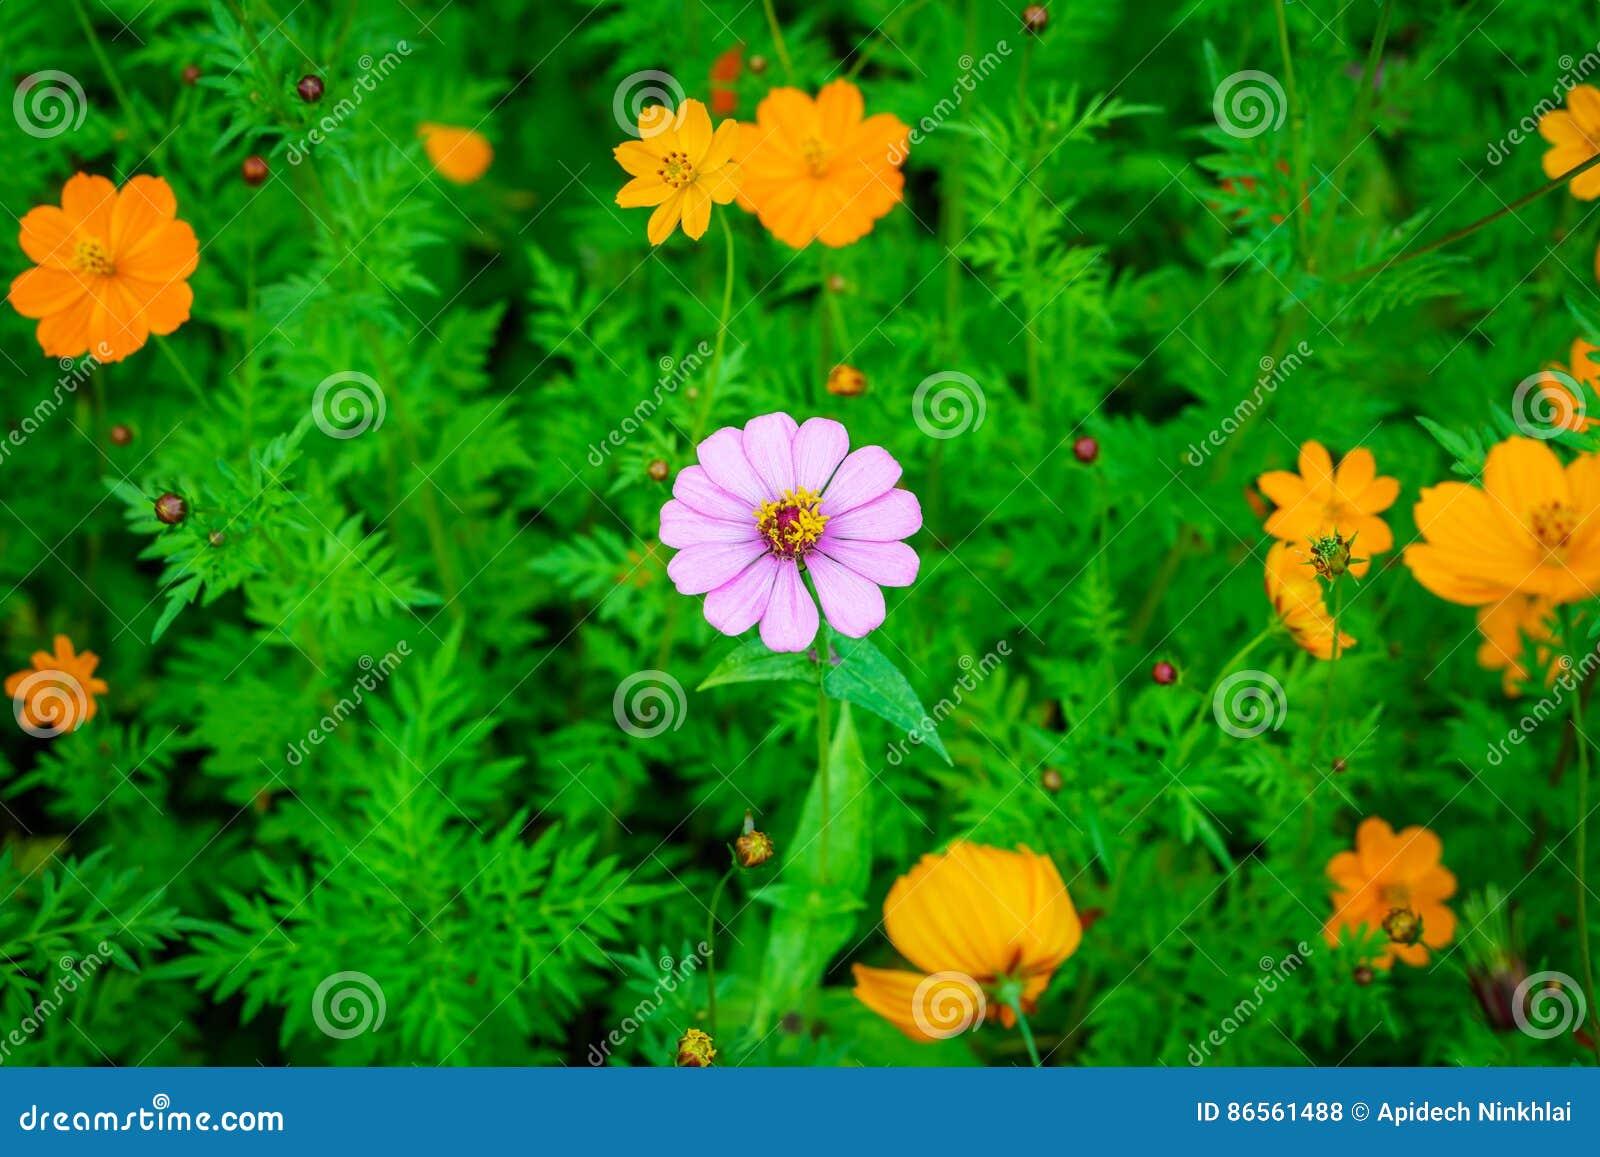 Alone Purple Zinnia Elegans Flower In Orange Cosmos Sulphureus Stock